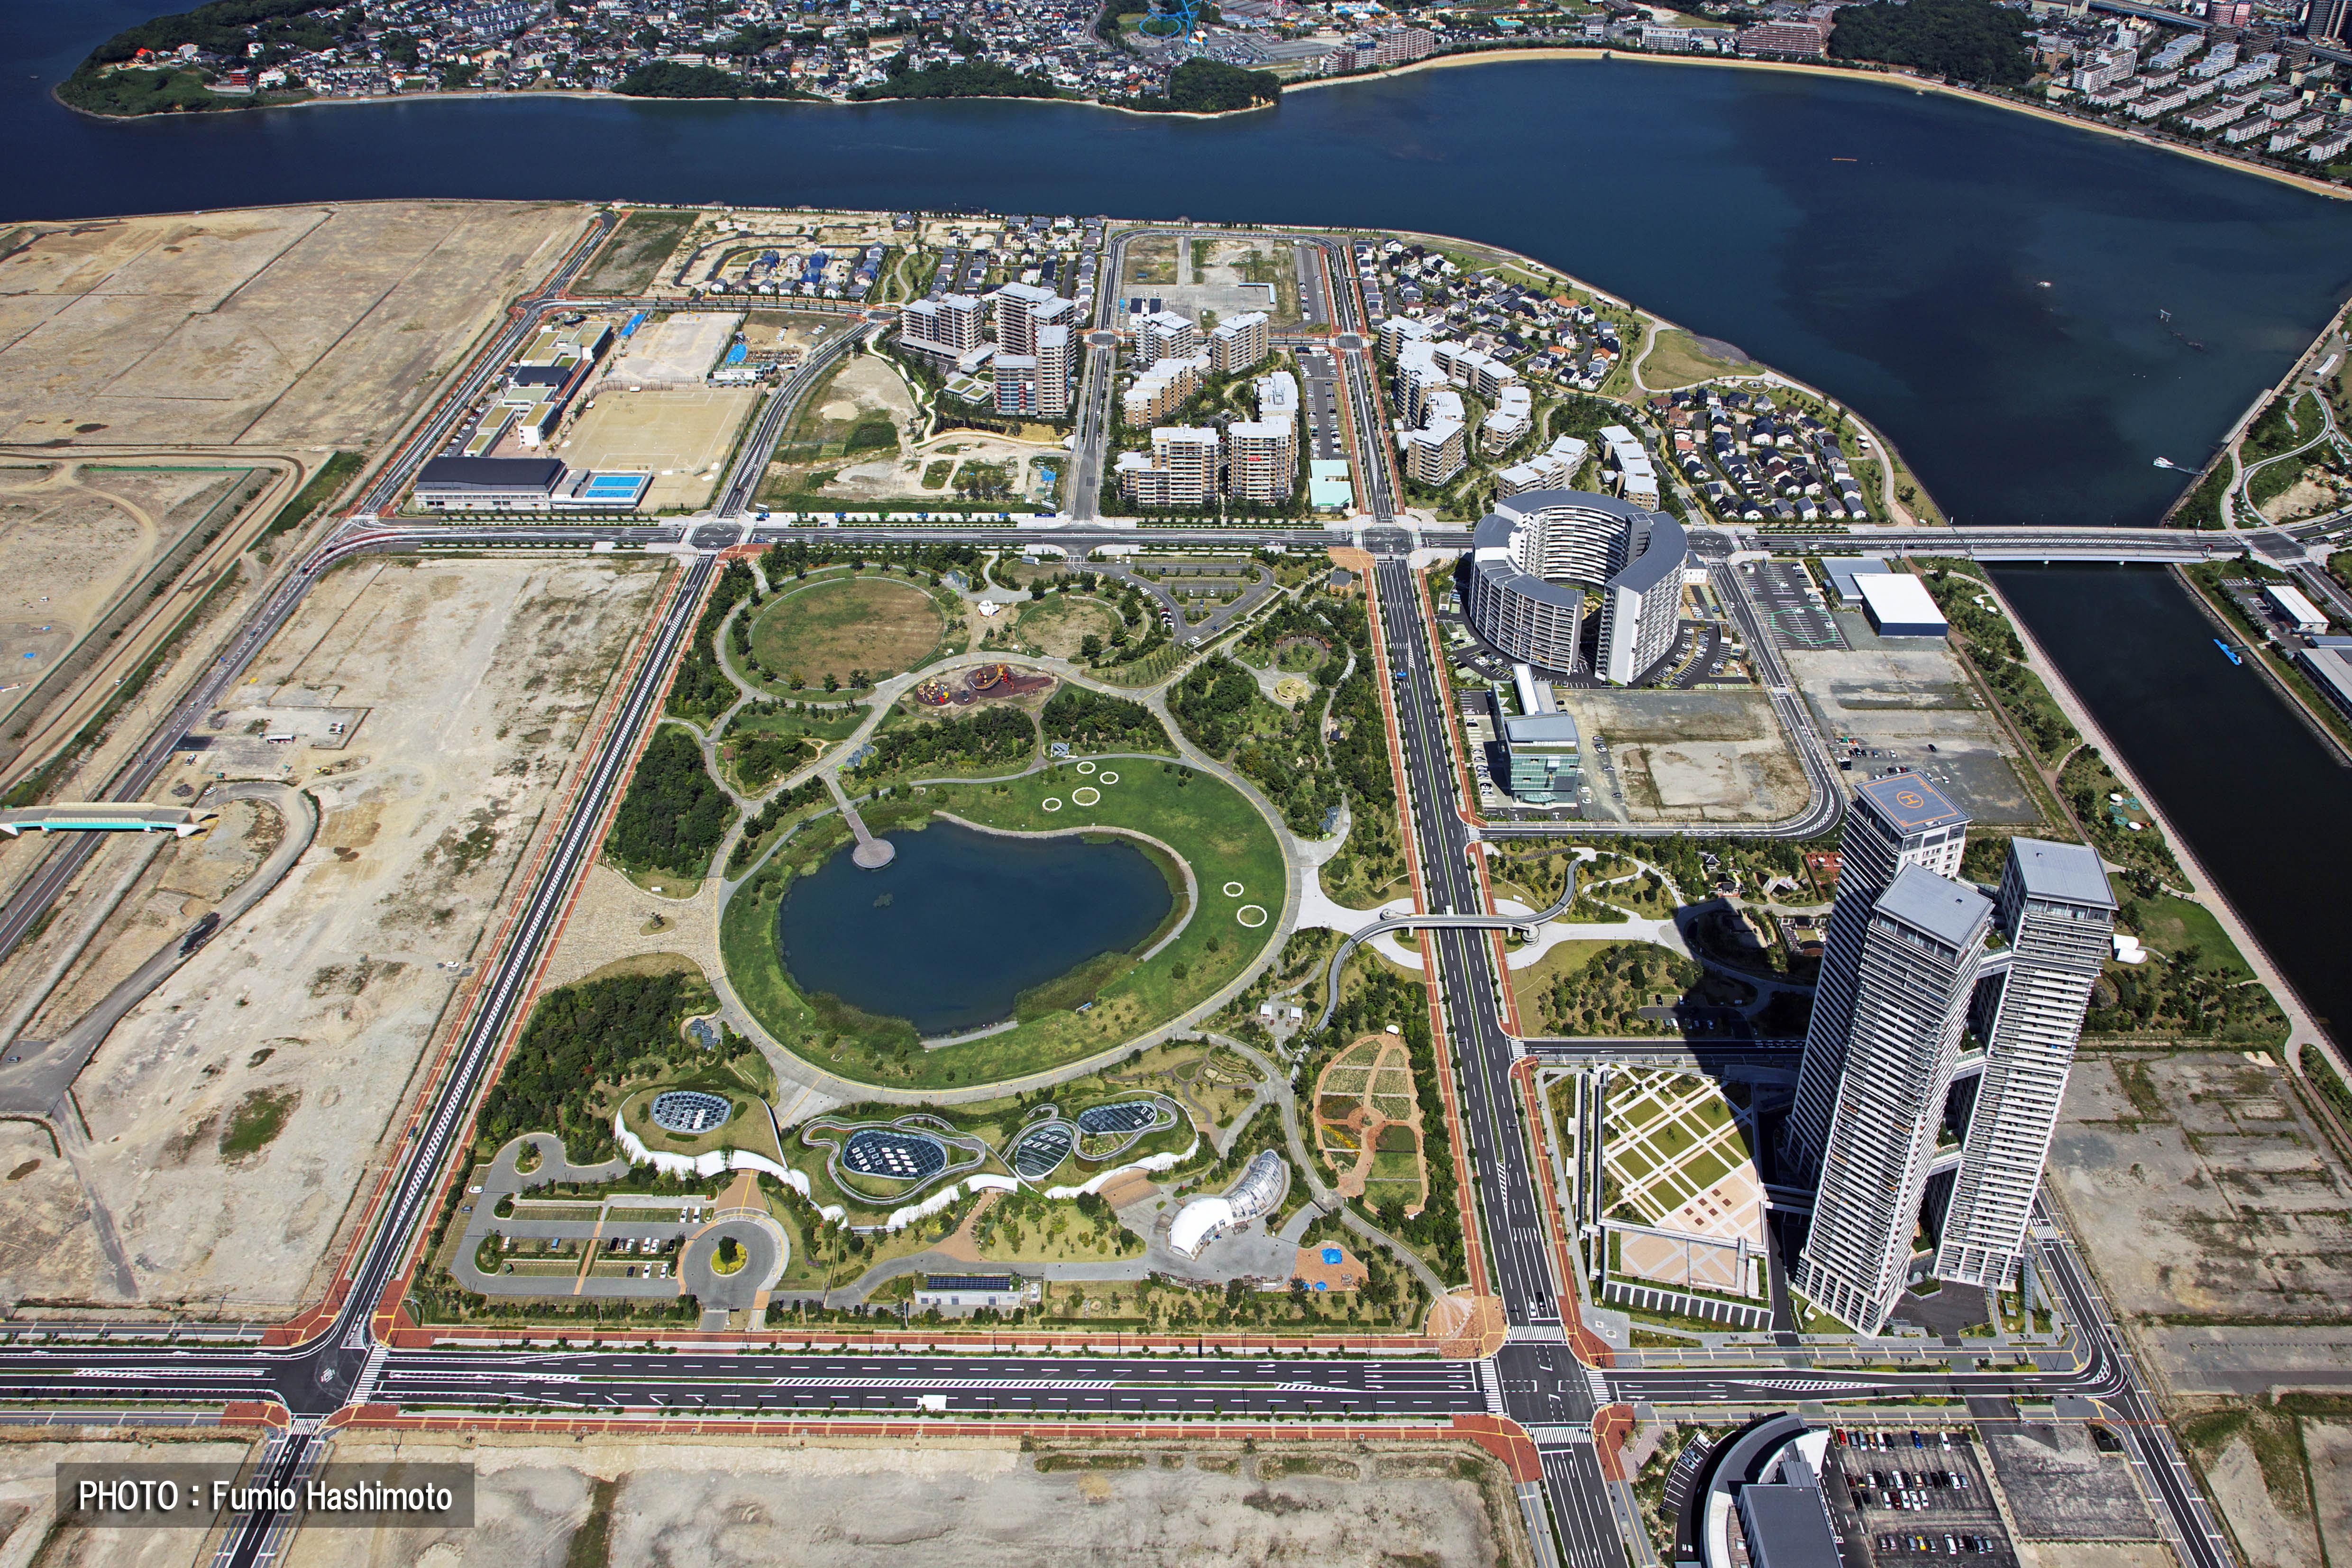 アイランドシティ(2009)の画像